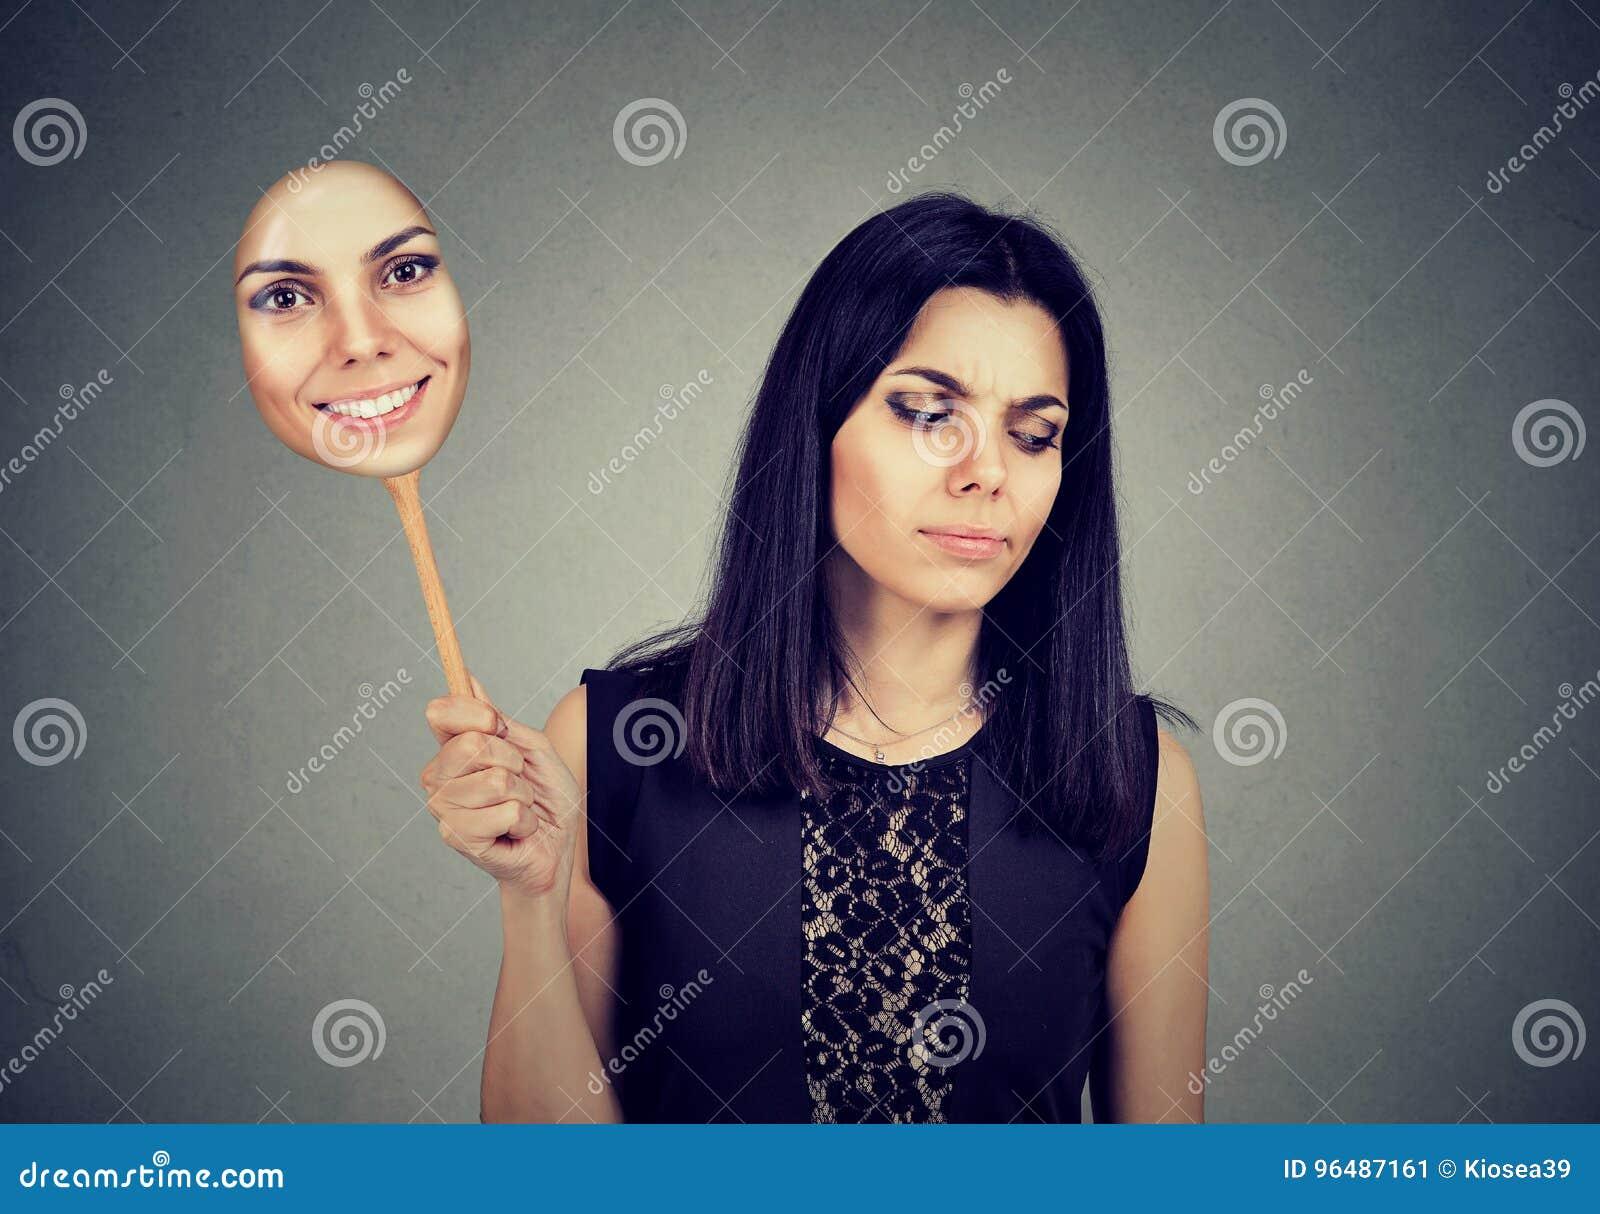 Frau mit dem traurigen Ausdrucknehmen einer Maske, die Fröhlichkeit ausdrückt